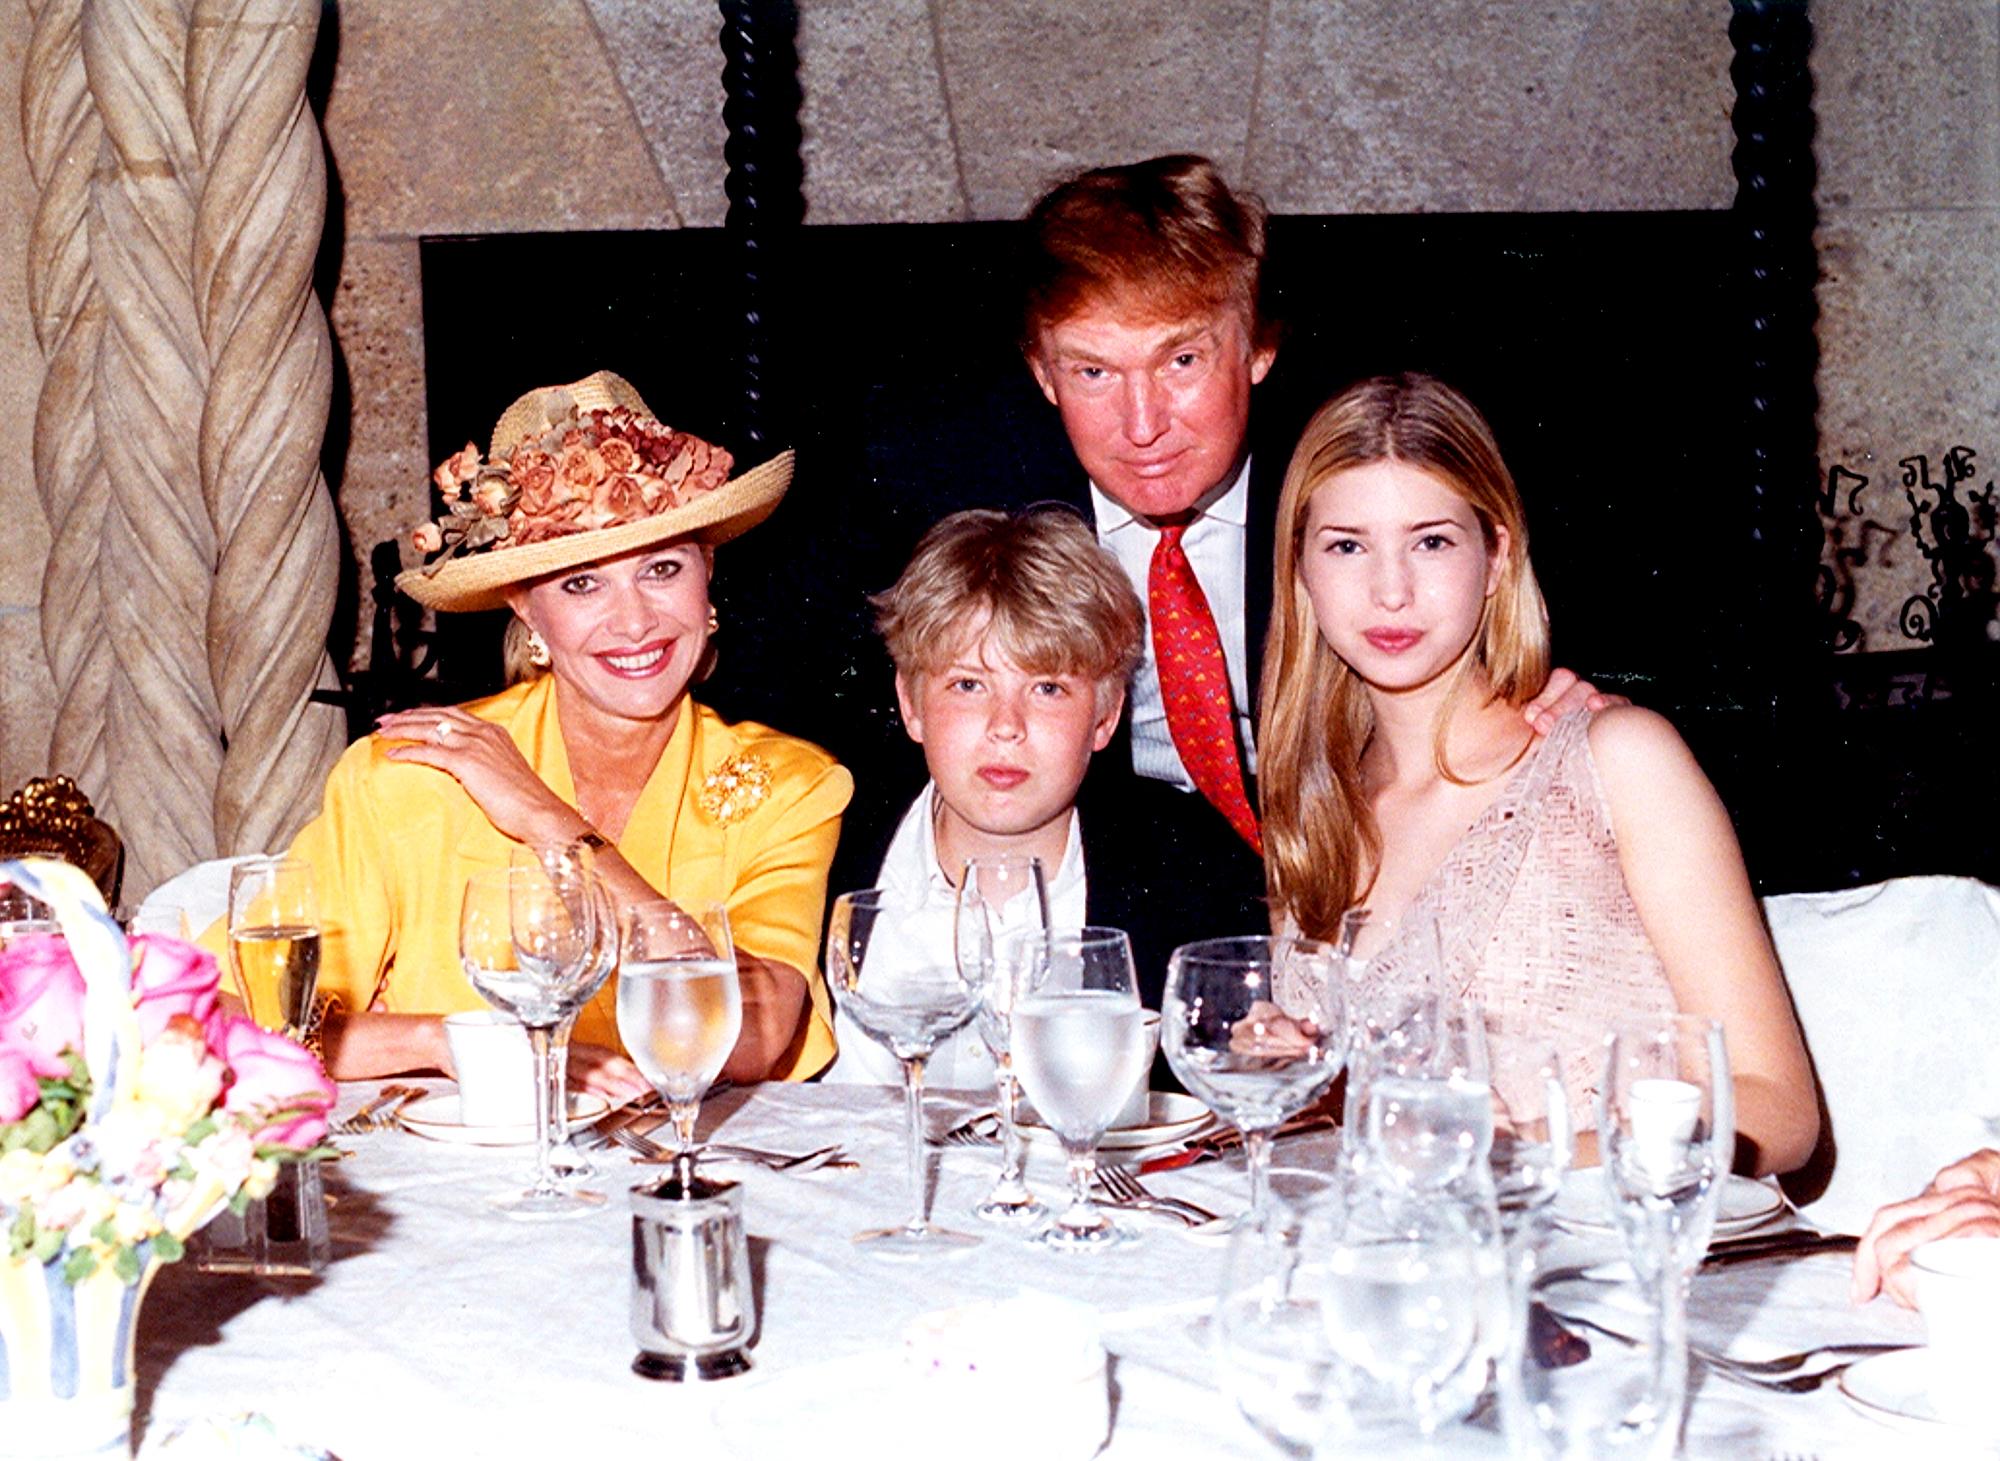 Ivana Trump, Eric Trump, Donald Trump and Ivanka Trump